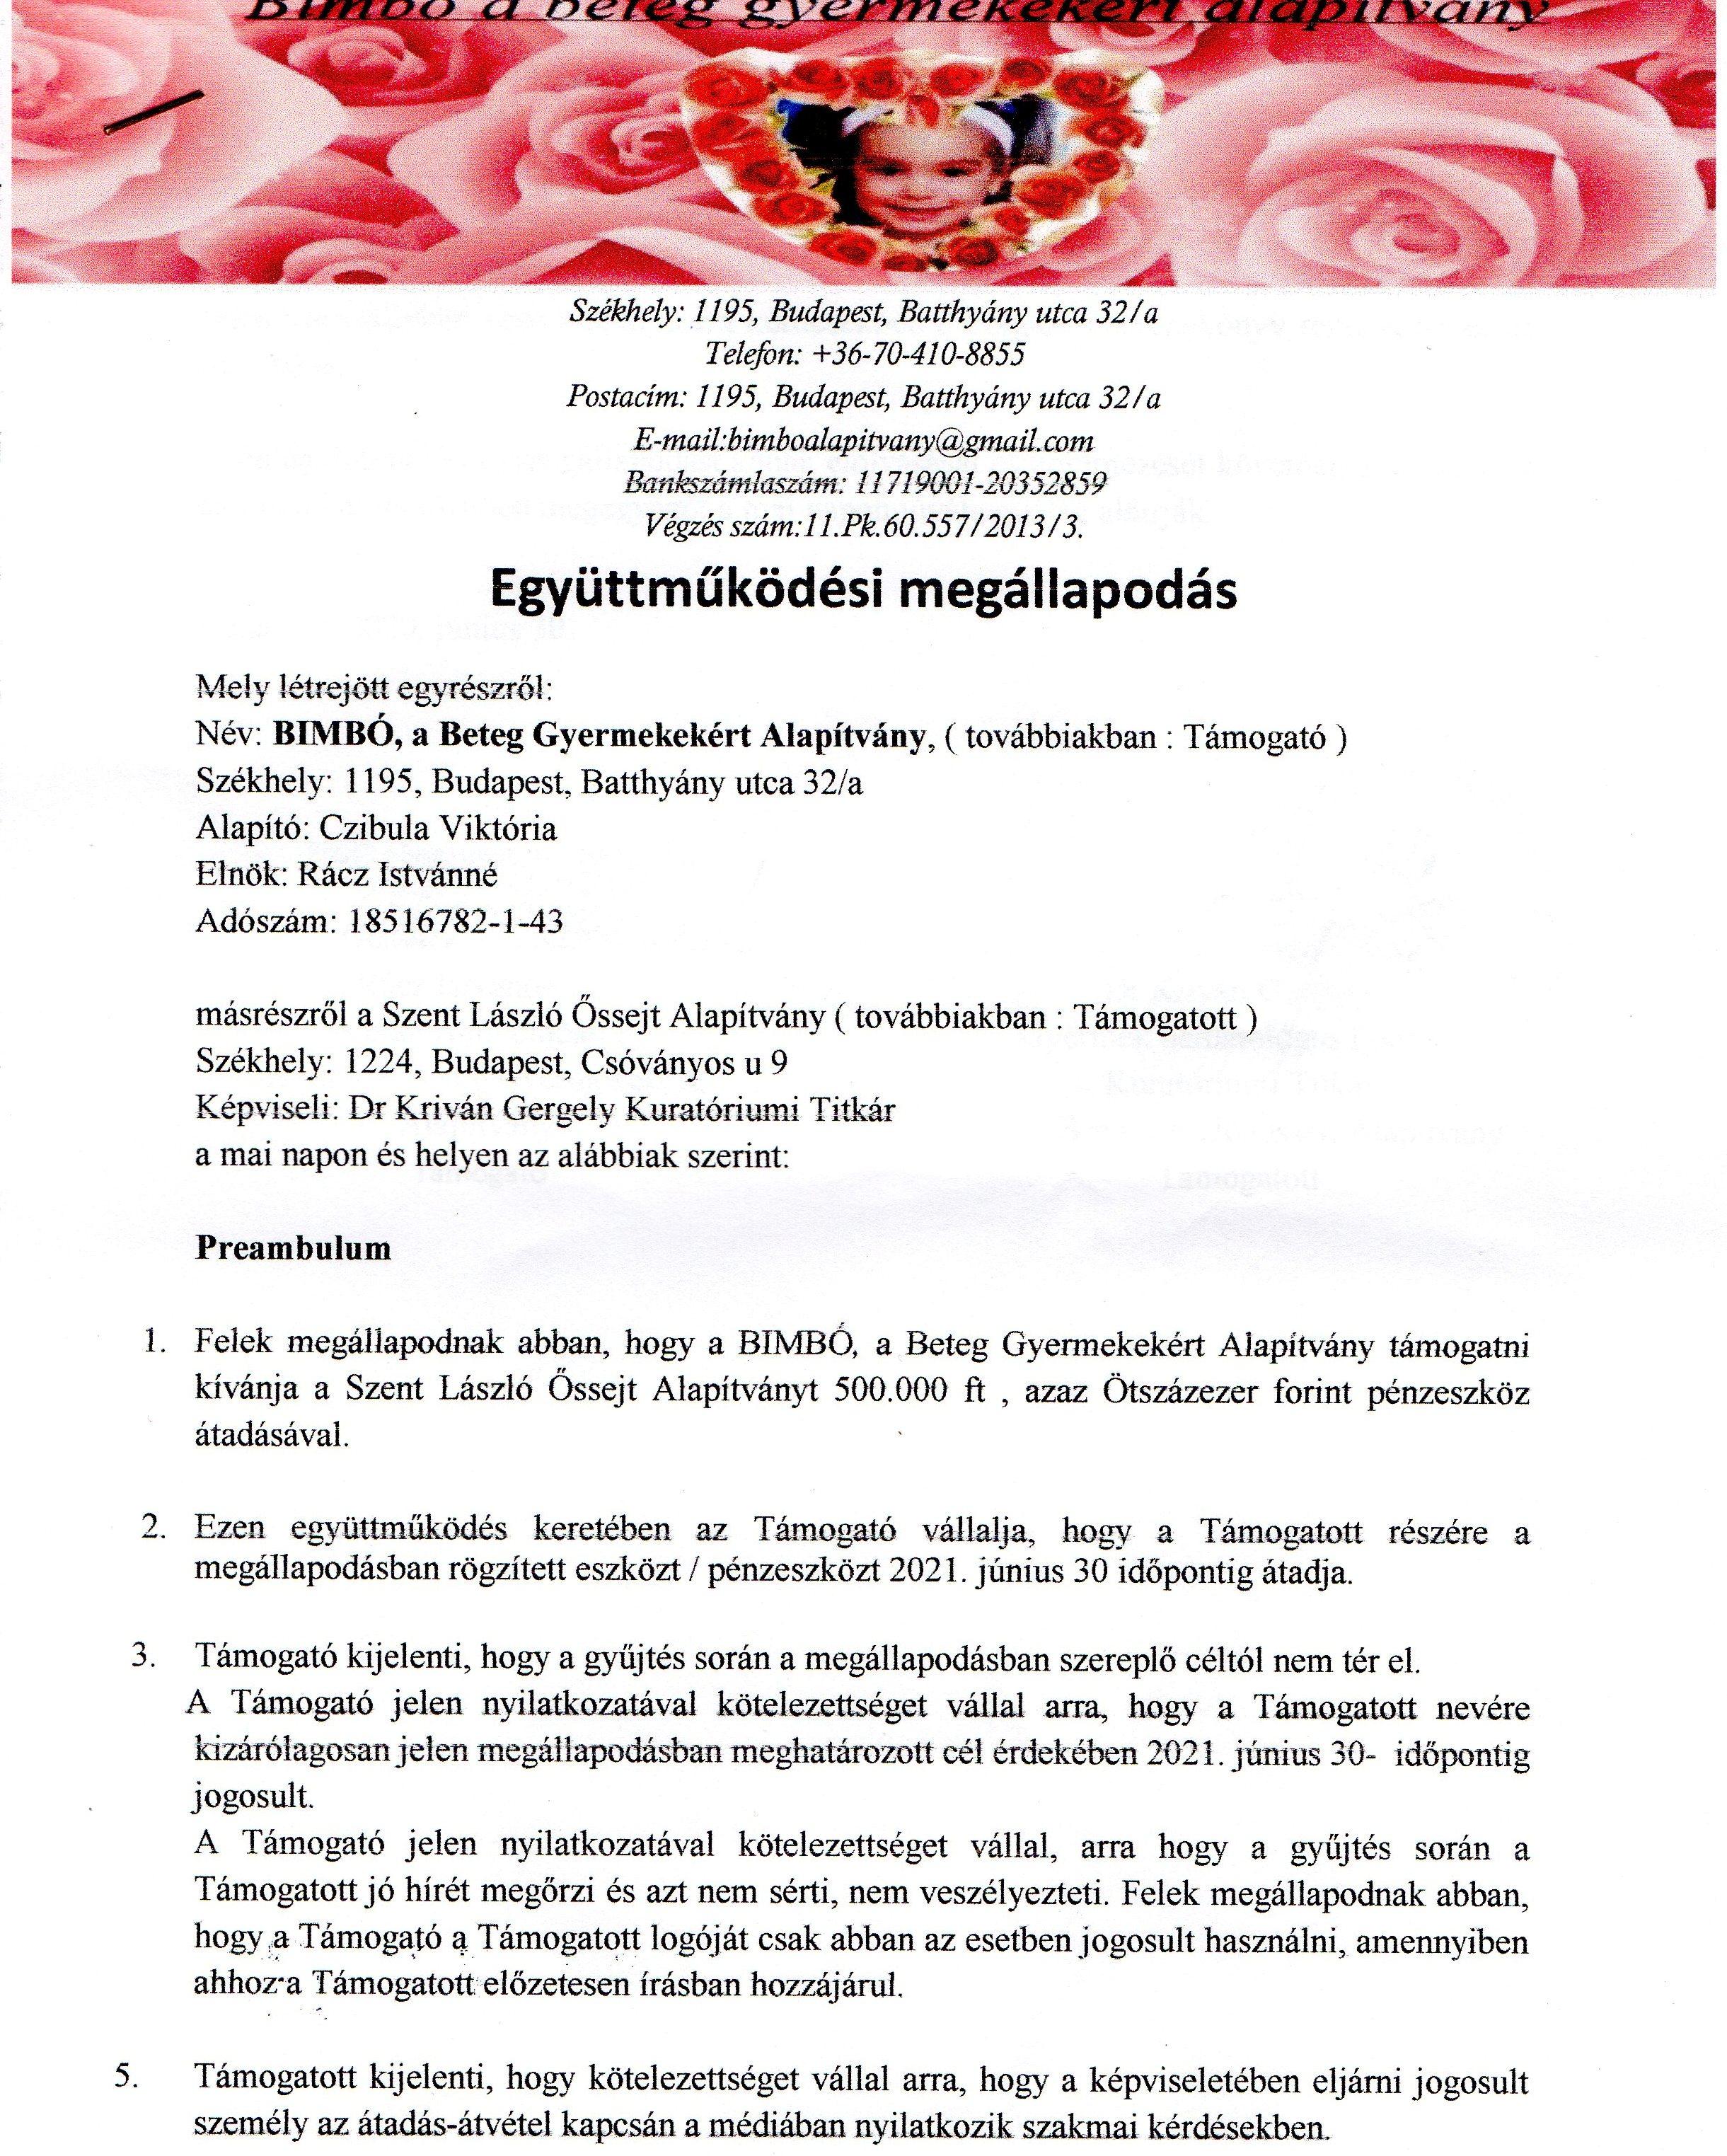 László Kórház Együttműködés 2020-2021